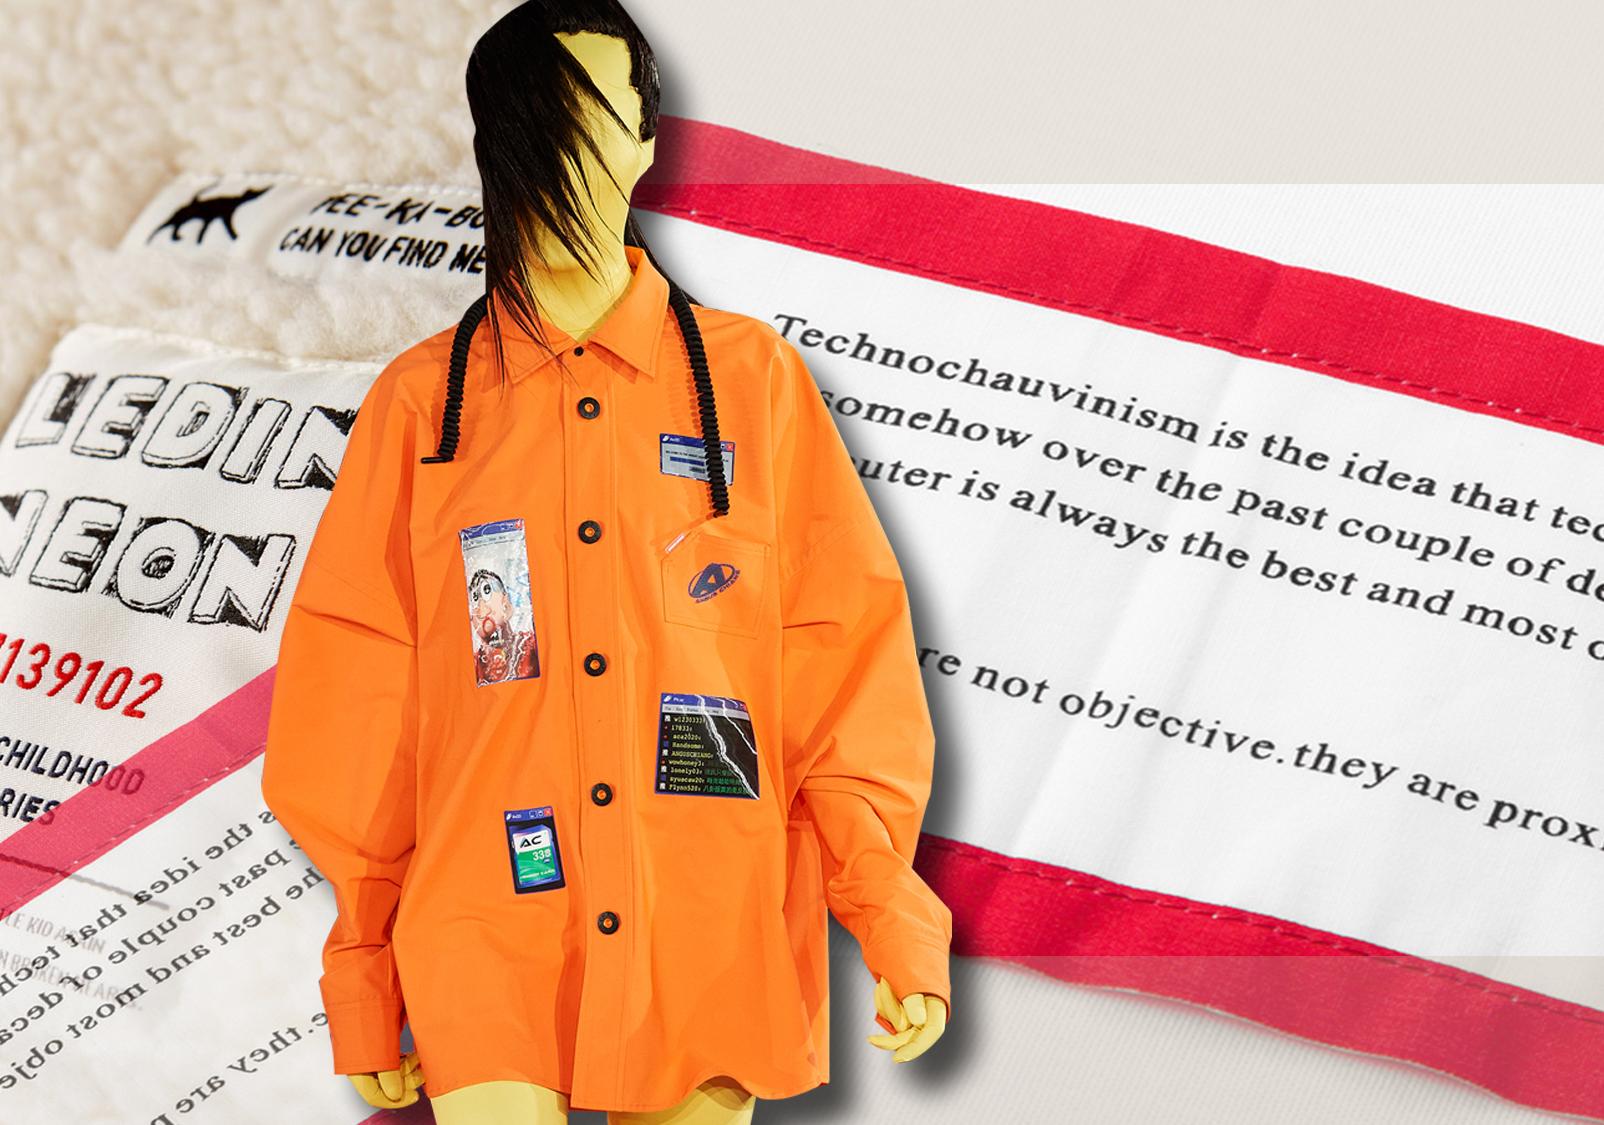 织唛运用--女装面辅料趋势